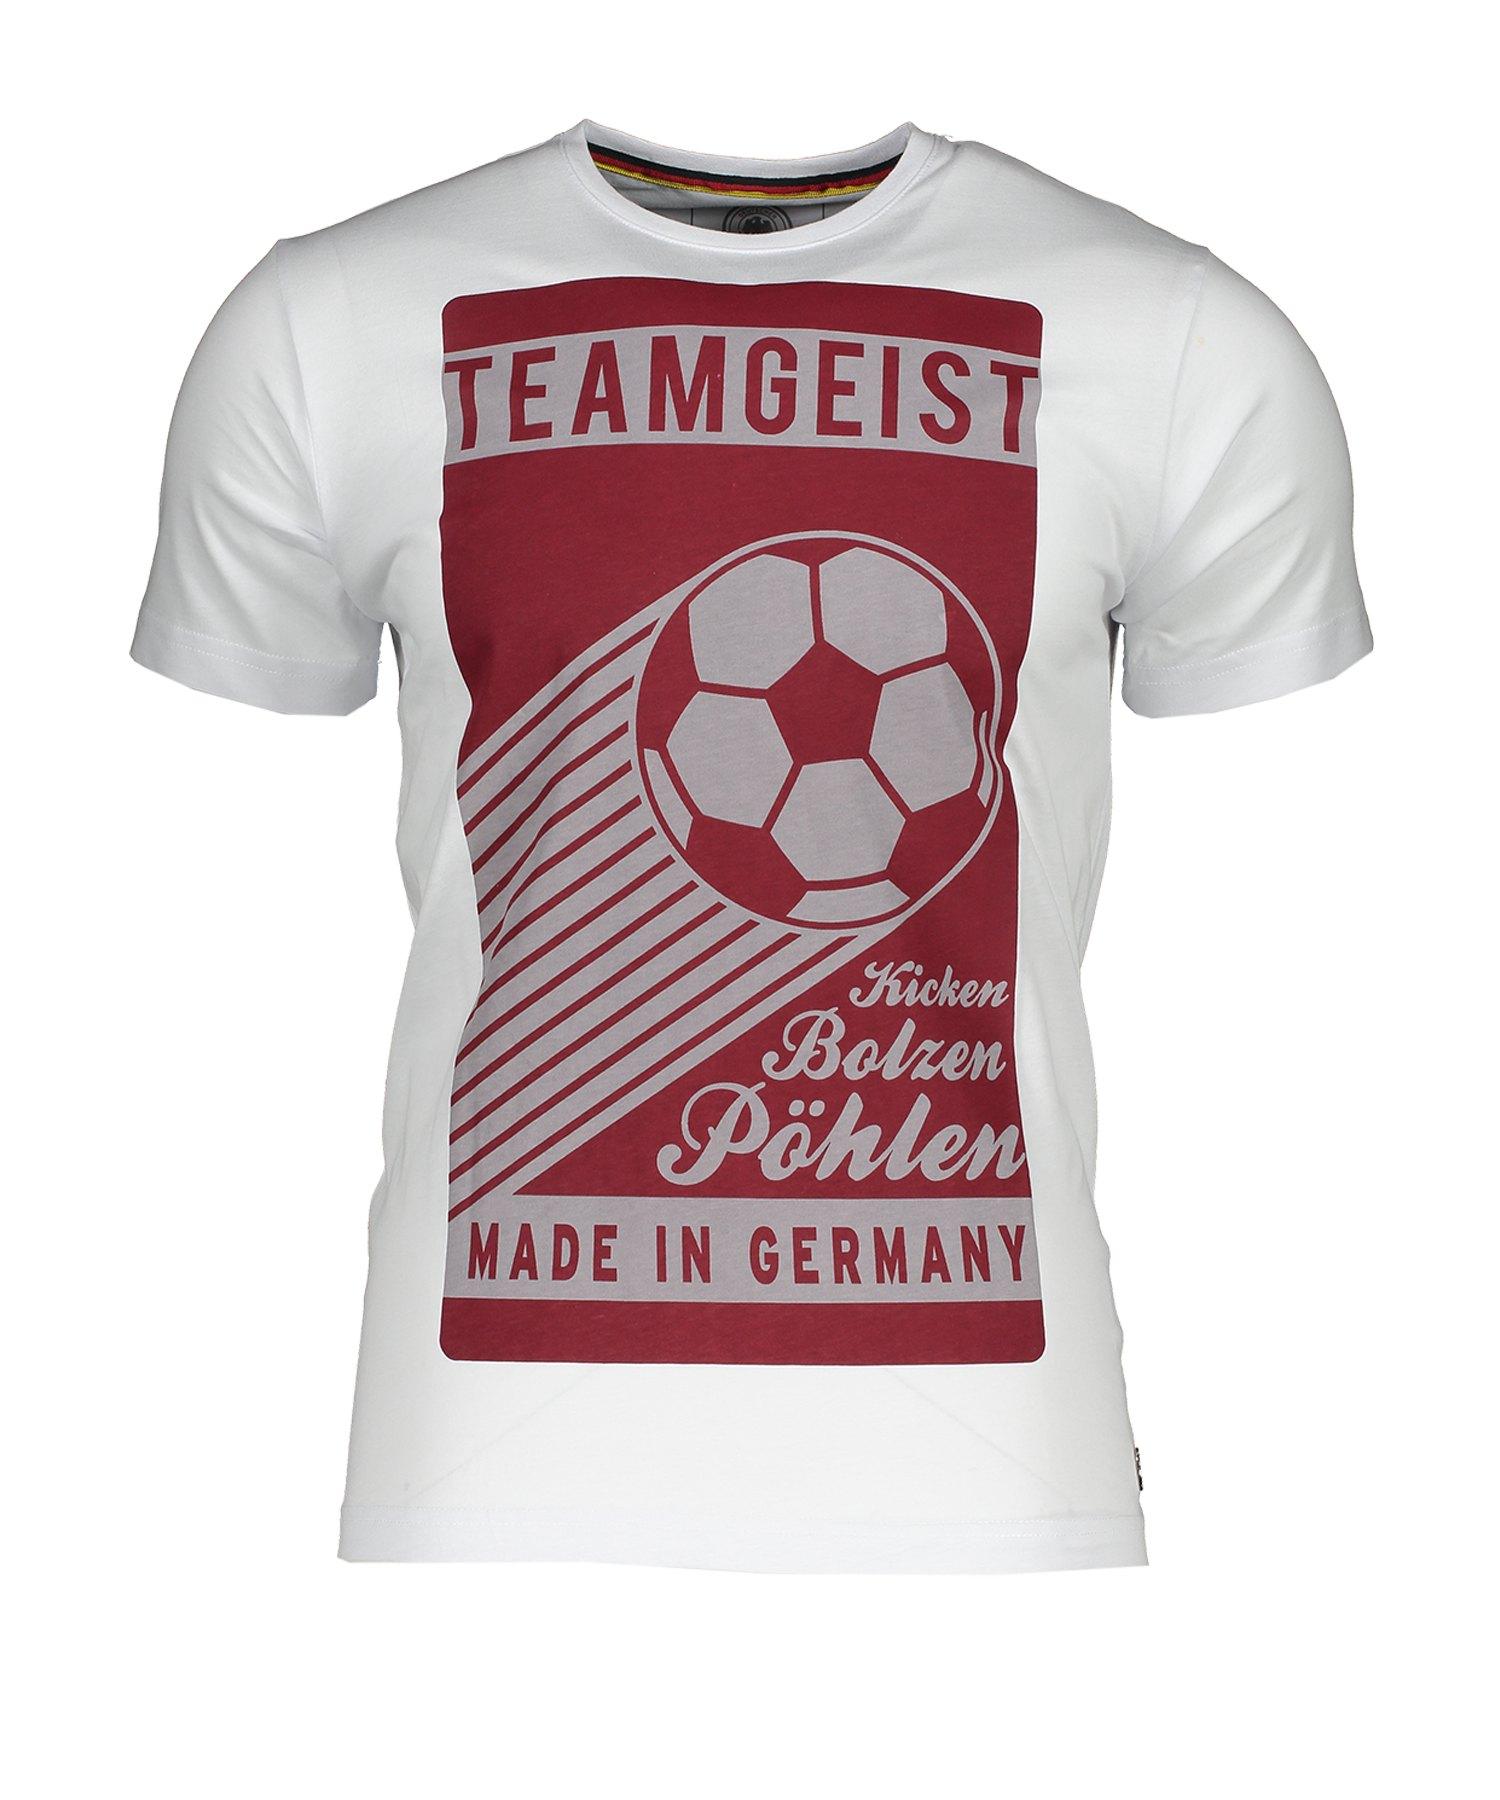 DFB Deutschland Teamgeist T-Shirt Weiss - Weiss